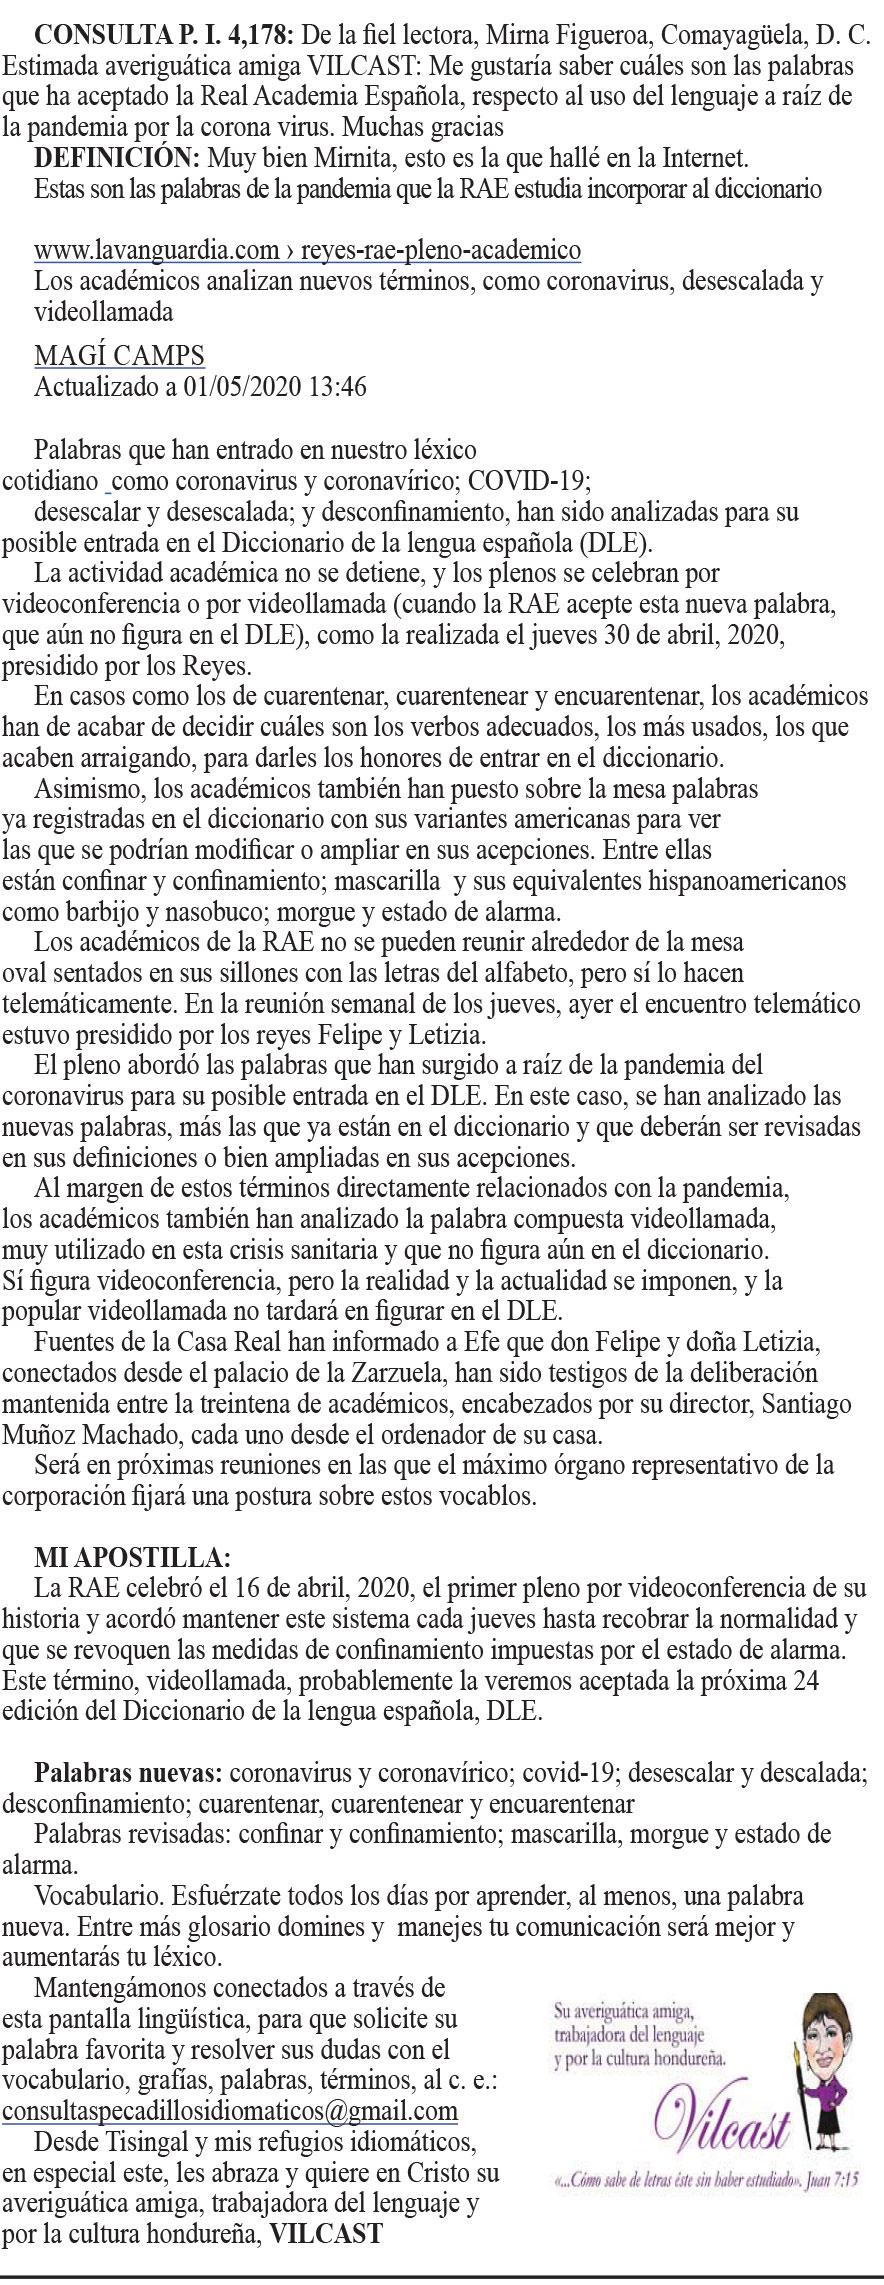 NUEVAS PALABRAS: CORONAVIRUS Y CORONAVÍRICO; COVID-19; DESESCALAR Y DESCALADA; DESCONFINAMIENTO; CUARENTENAR, CUARENTENEAR Y ENCUARENTENAR